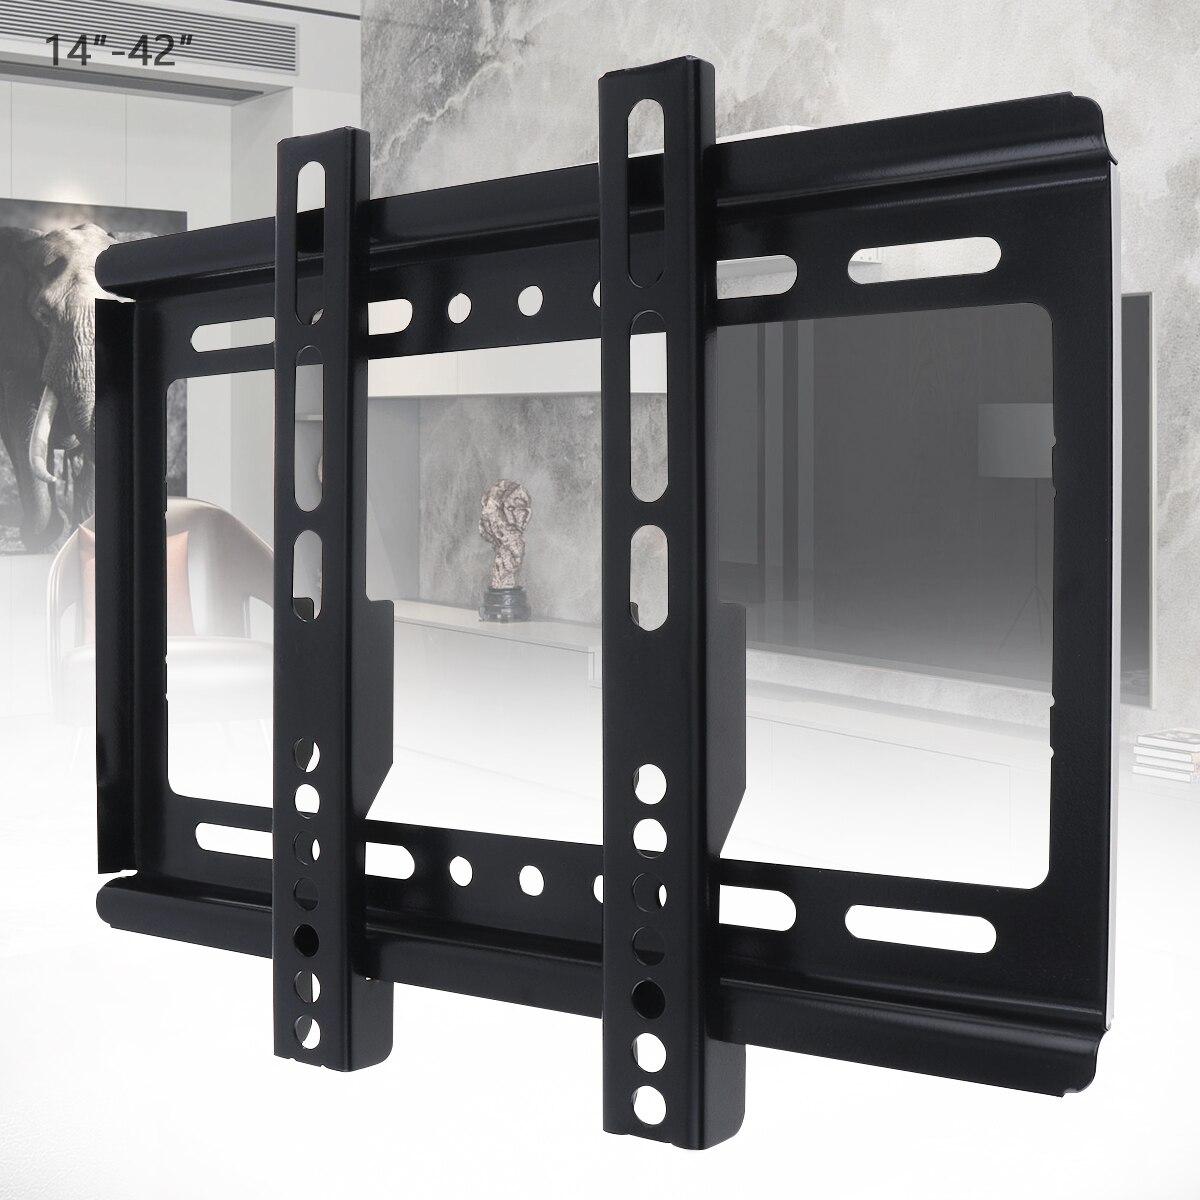 Suporte de Parede Quadro de tv Giratória para 14-42 Universal Fino Girado Inclinação Polegada Lcd Led Monitor 20 kg tv